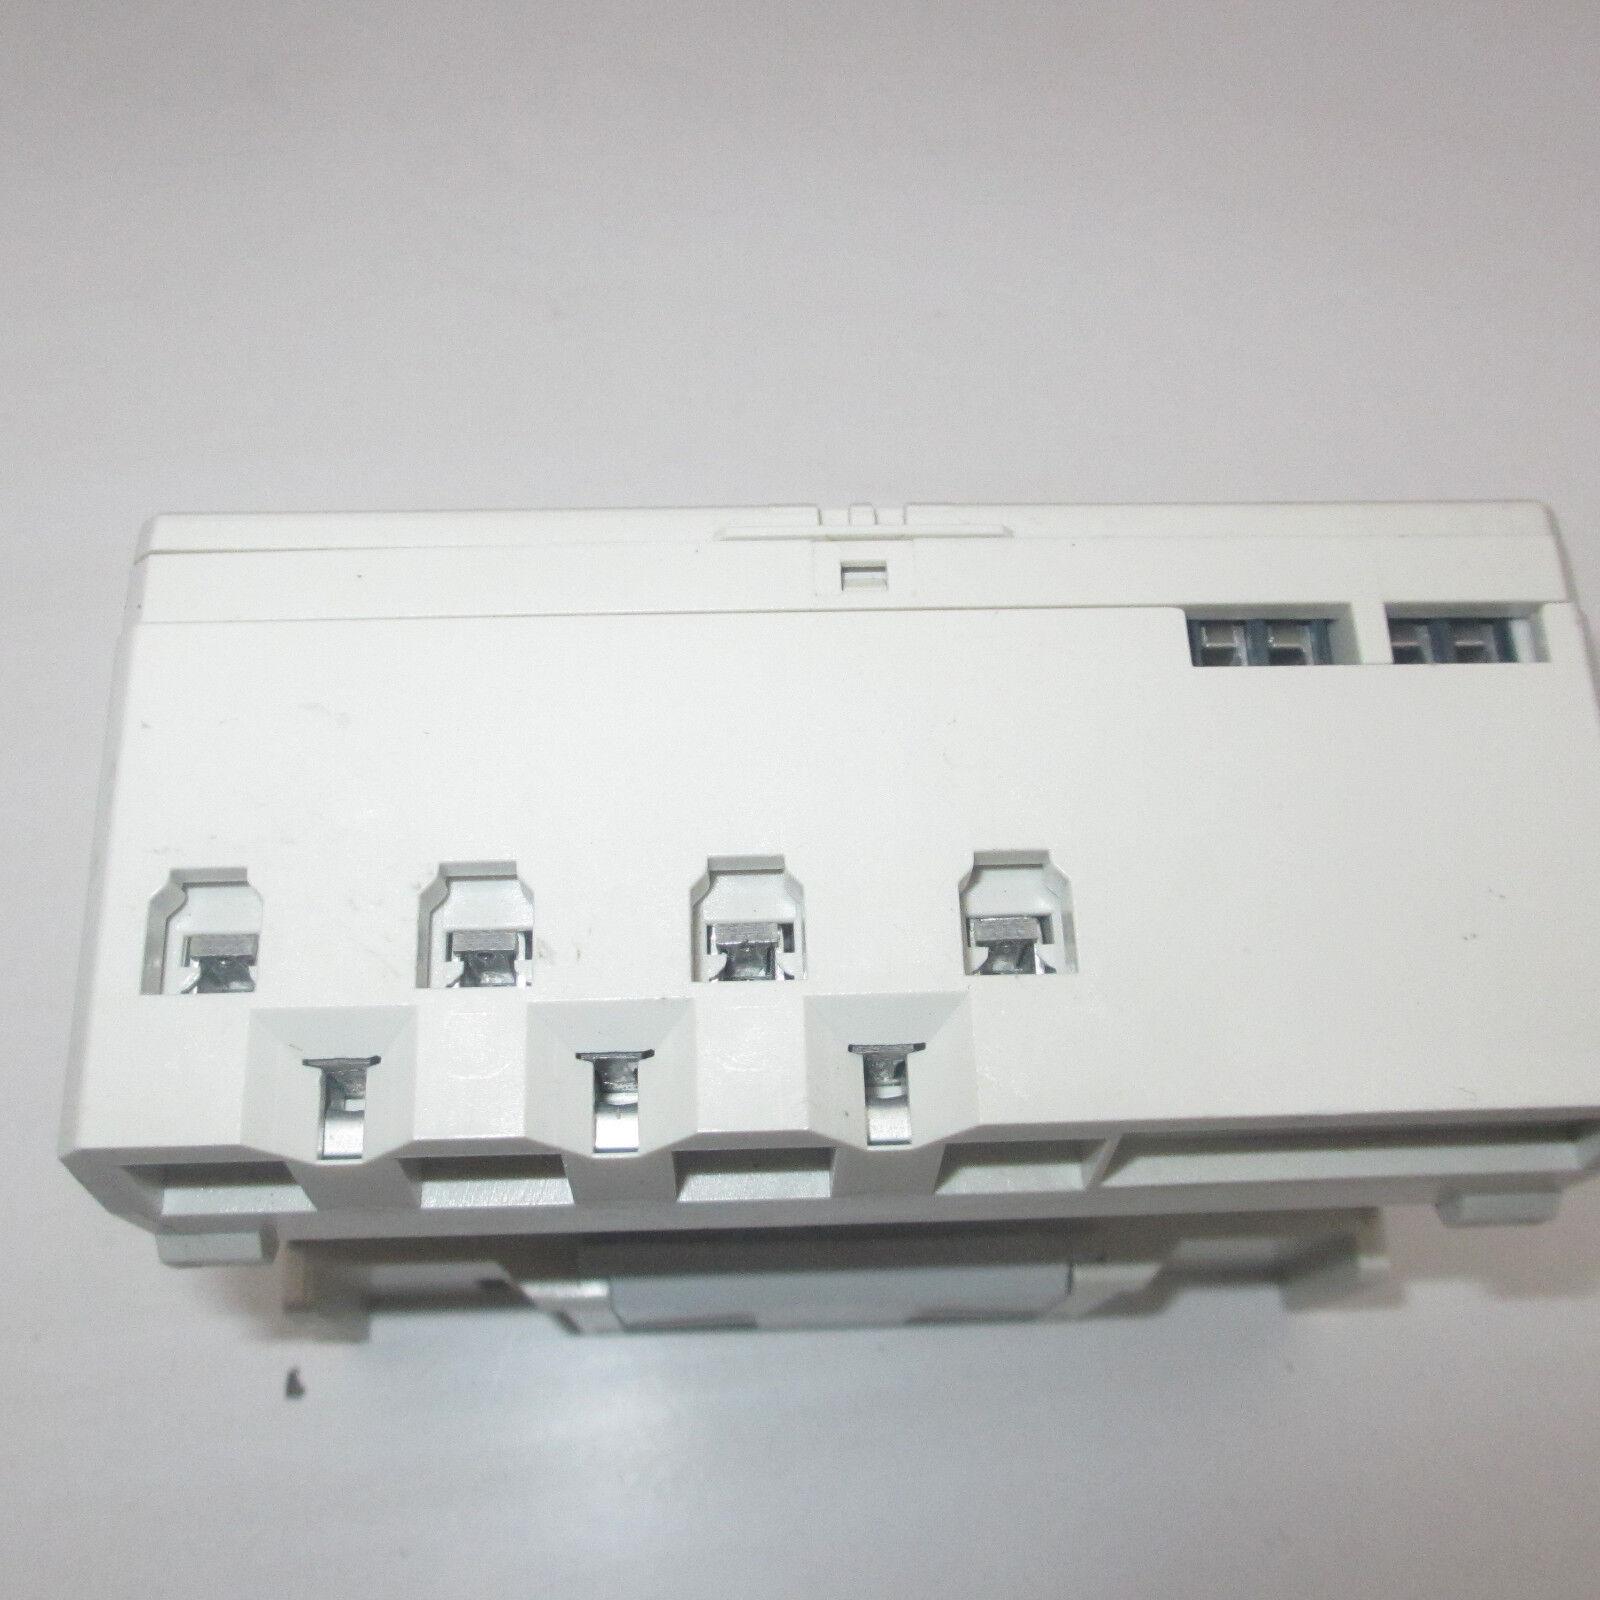 Berg Messwandlerzähler 5II1 DCMi 462 WP, M-BUS, Drehstrohmzähler, Stromzähler | | | Um Zuerst Unter ähnlichen Produkten Rang  | Speichern  | Haltbarer Service  cbcdf5